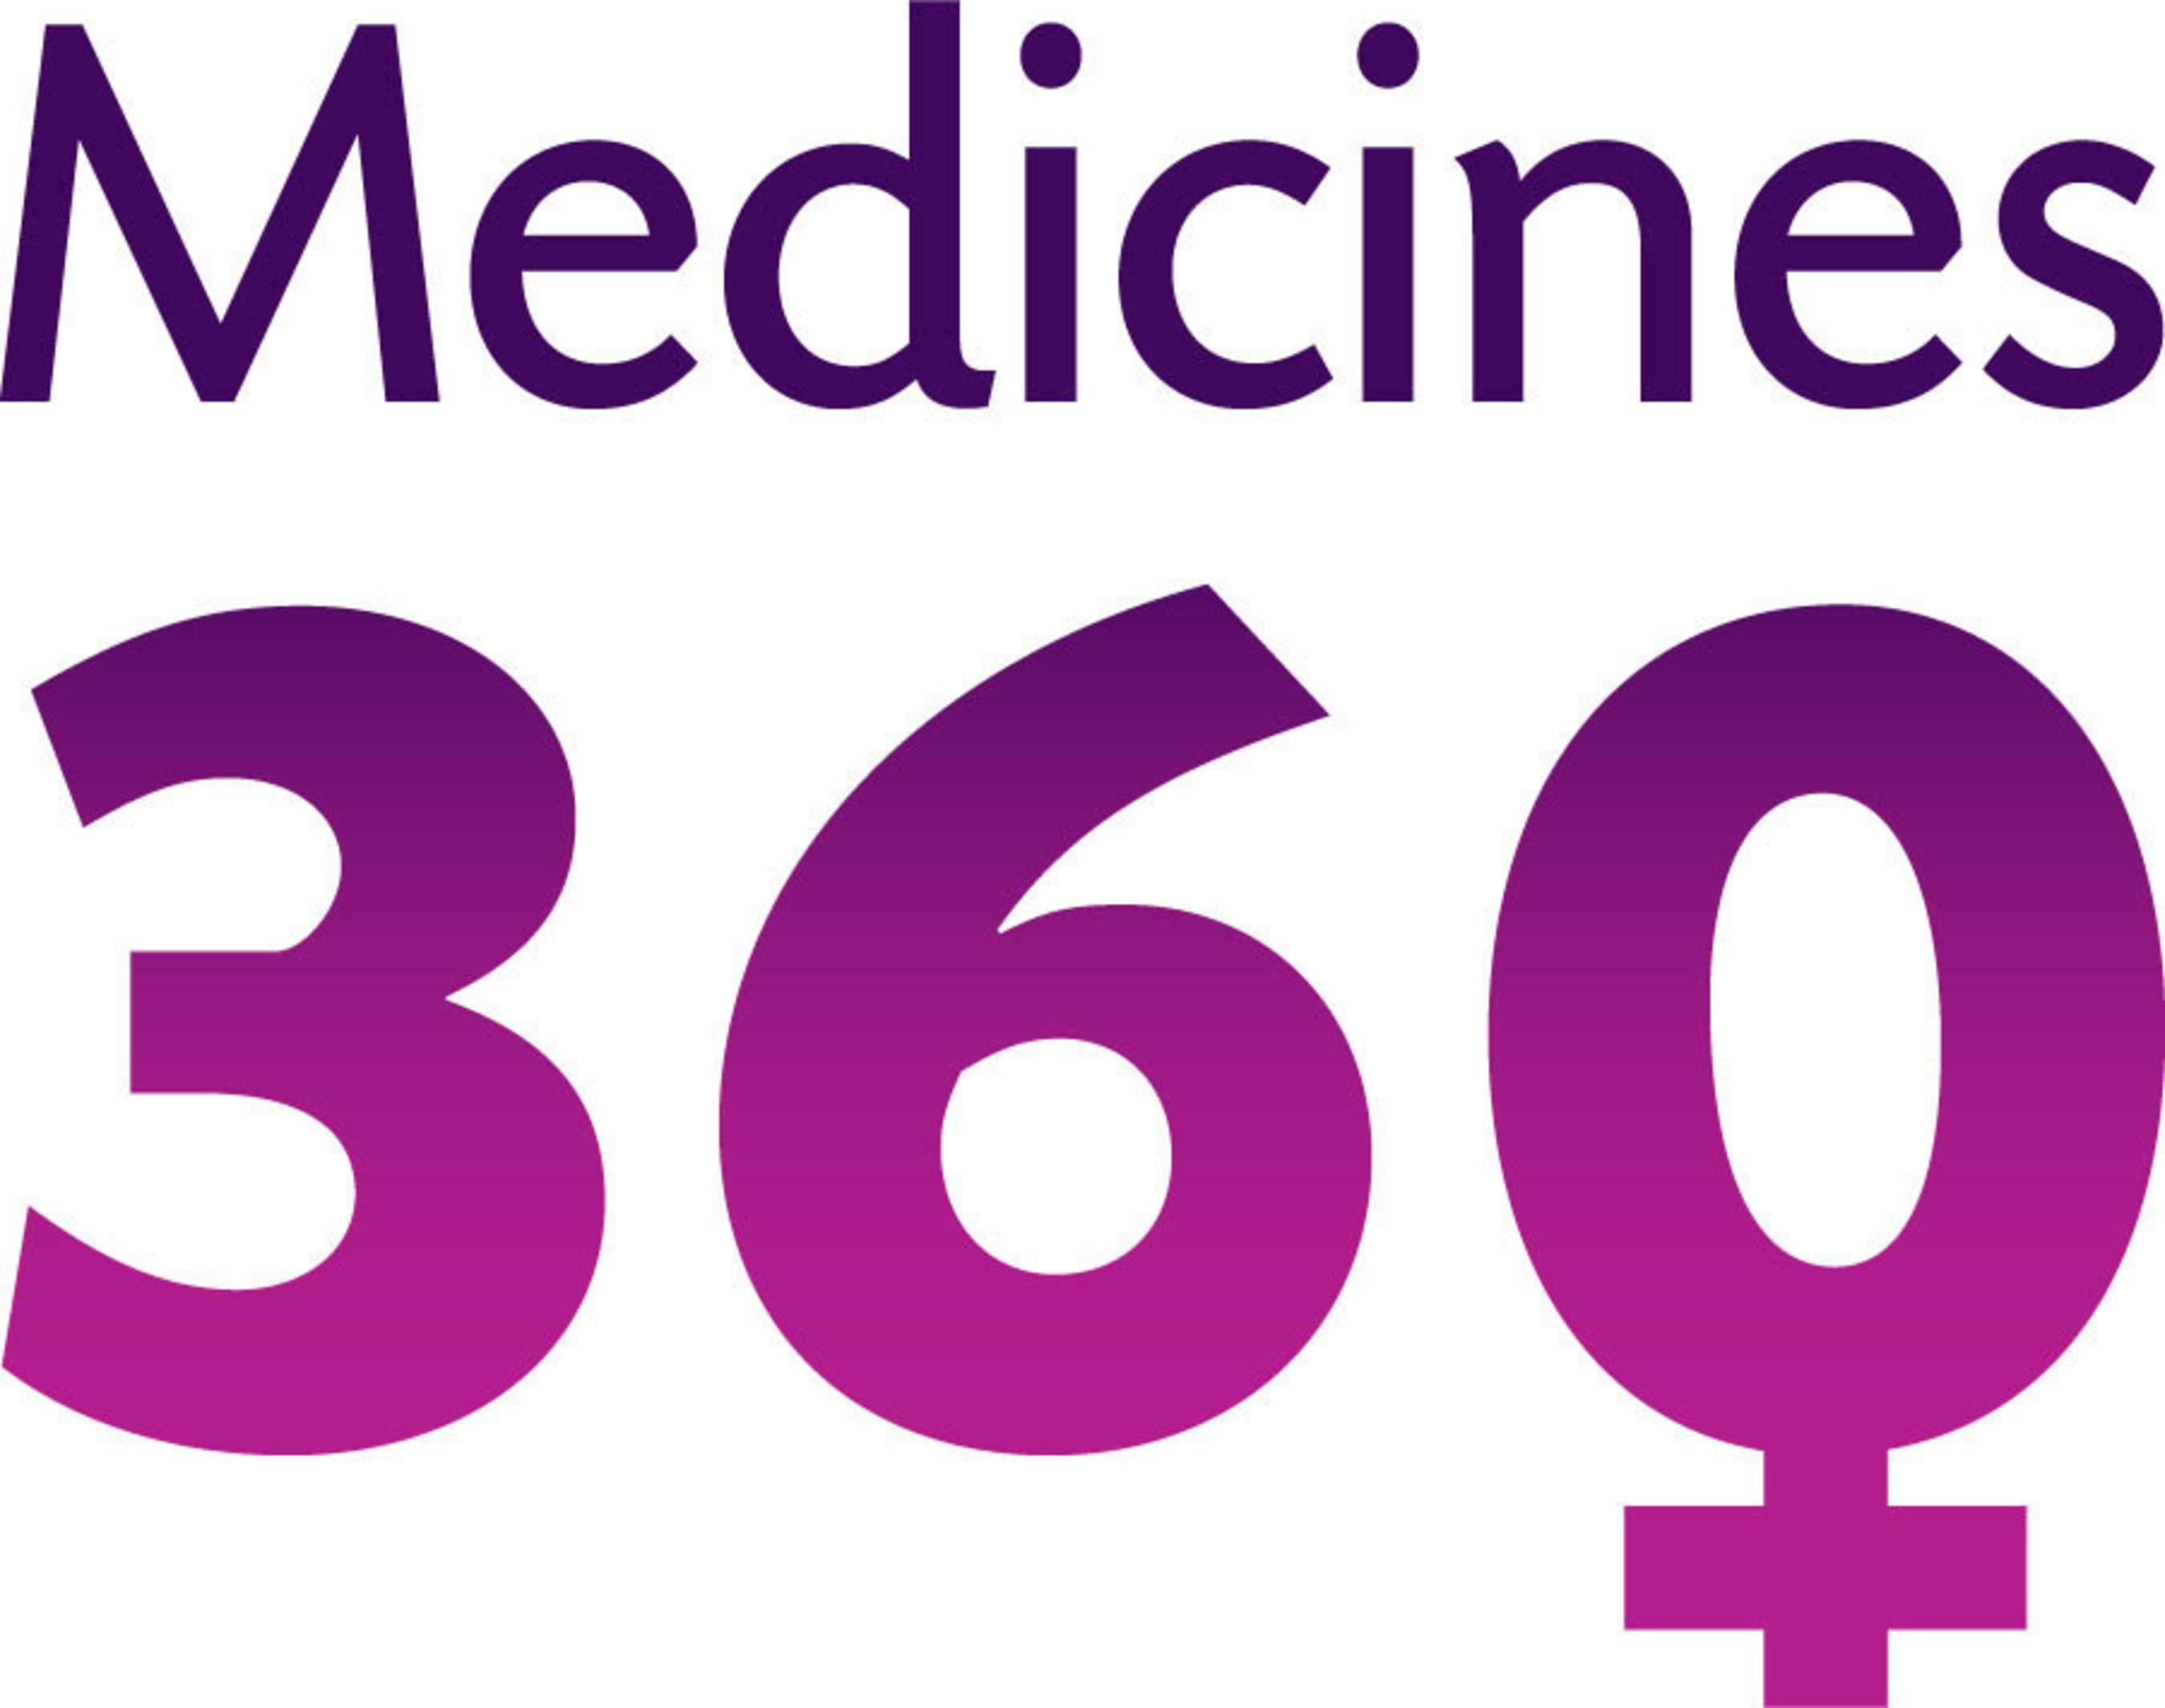 Medicines360 Logo.